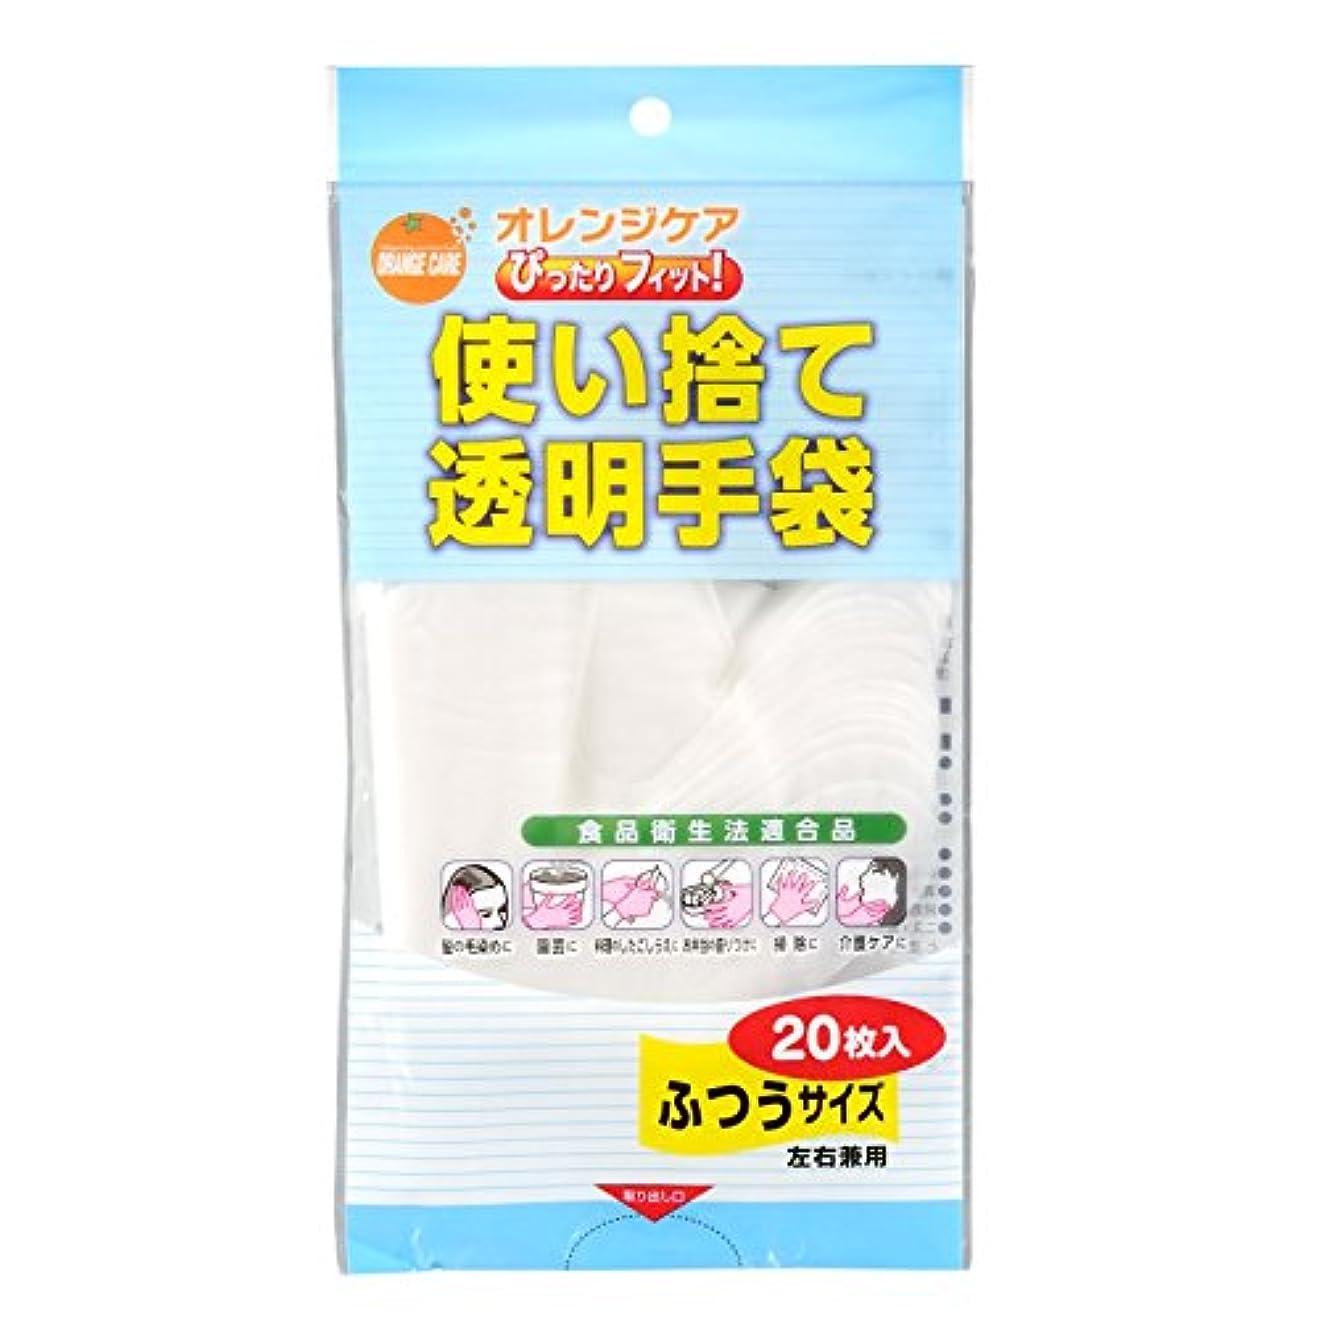 戦う良心的規則性オレンジケア 使い捨て透明手袋 ふつうサイズ 20枚入